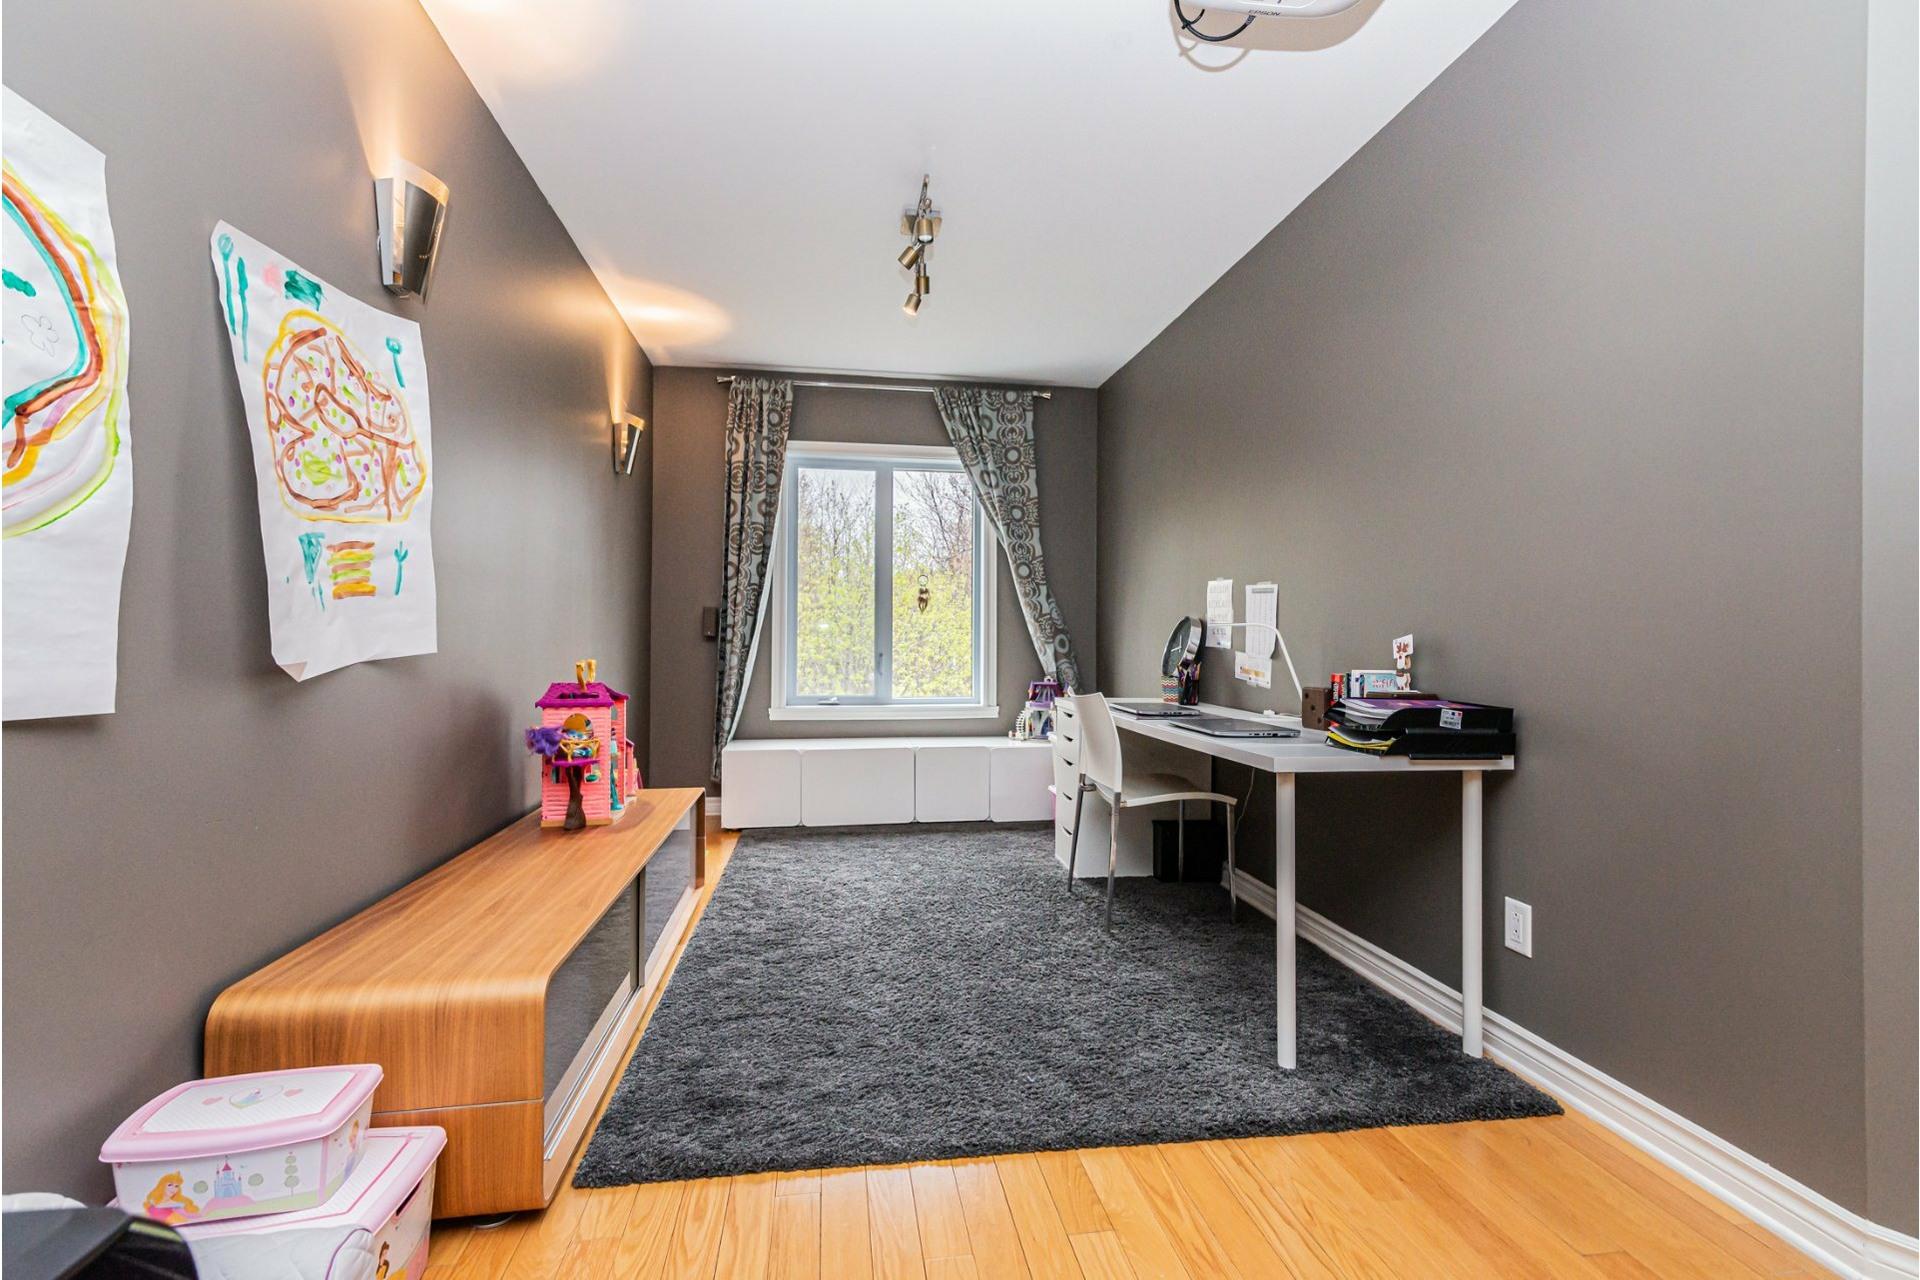 image 19 - Maison À vendre Côte-des-Neiges/Notre-Dame-de-Grâce Montréal  - 11 pièces